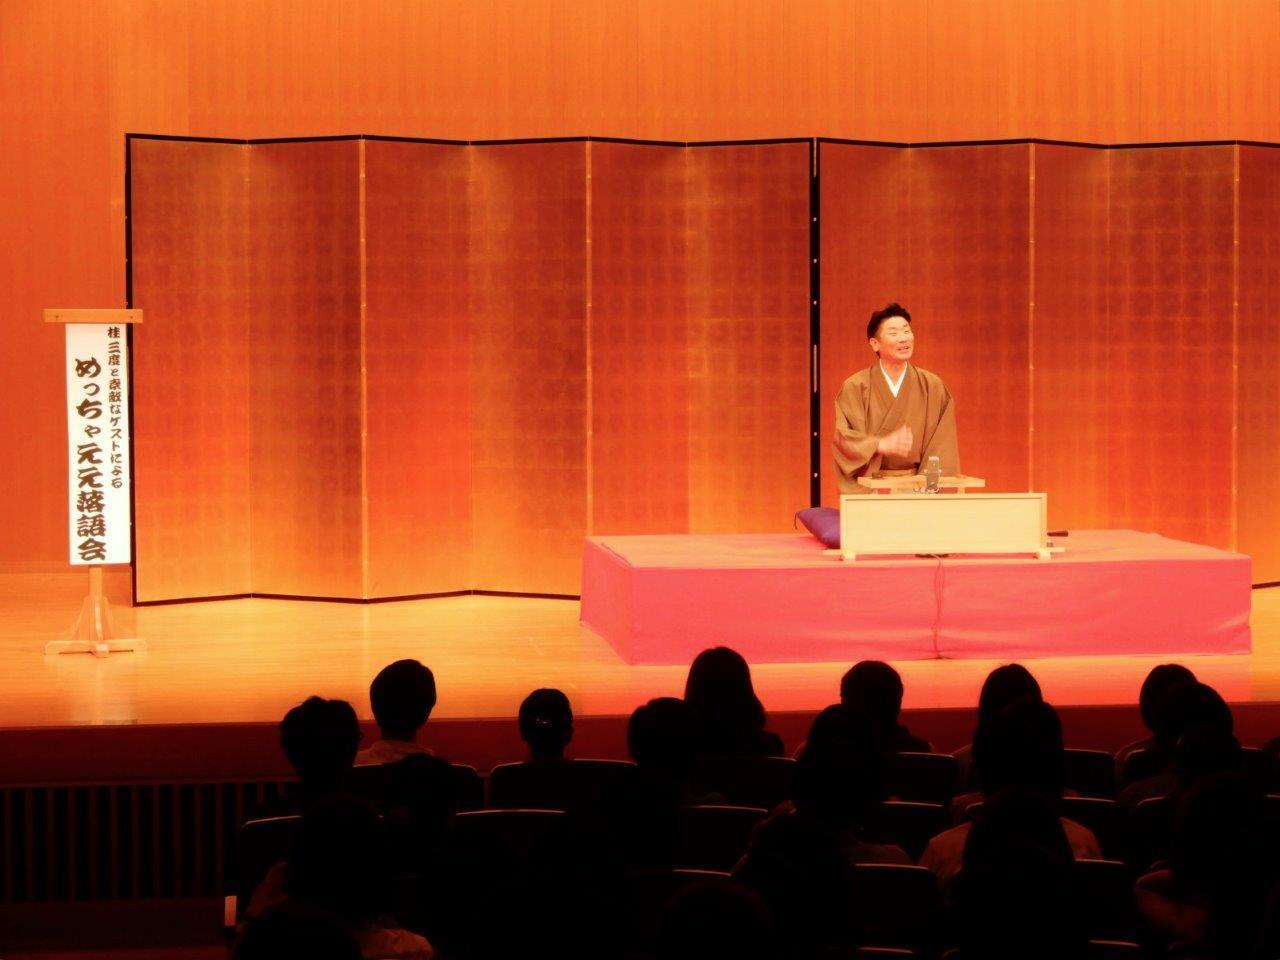 http://news.yoshimoto.co.jp/20180607210424-e790cf43744e4e128d731e43d8a71ef3de4344d9.jpg